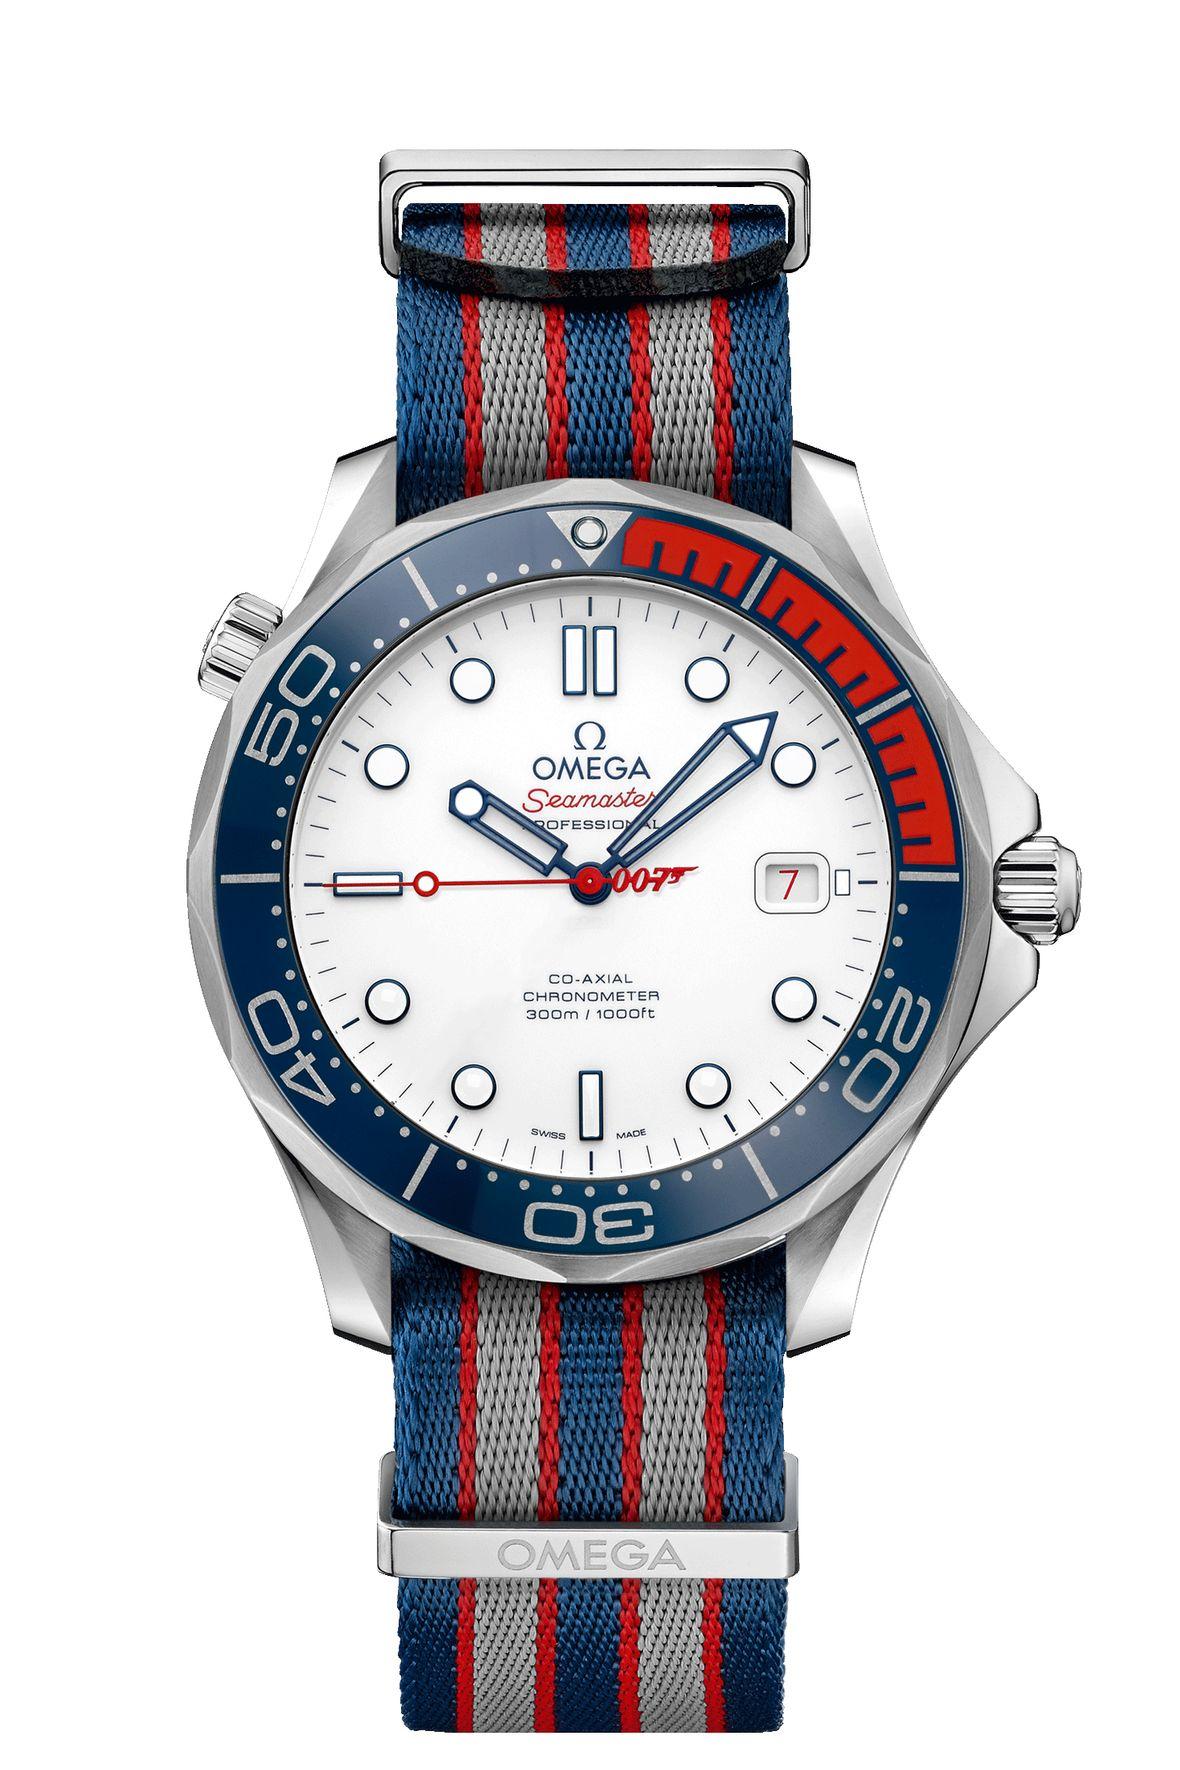 James Bond Omega Seamaster Diver 300M Commander's Watch